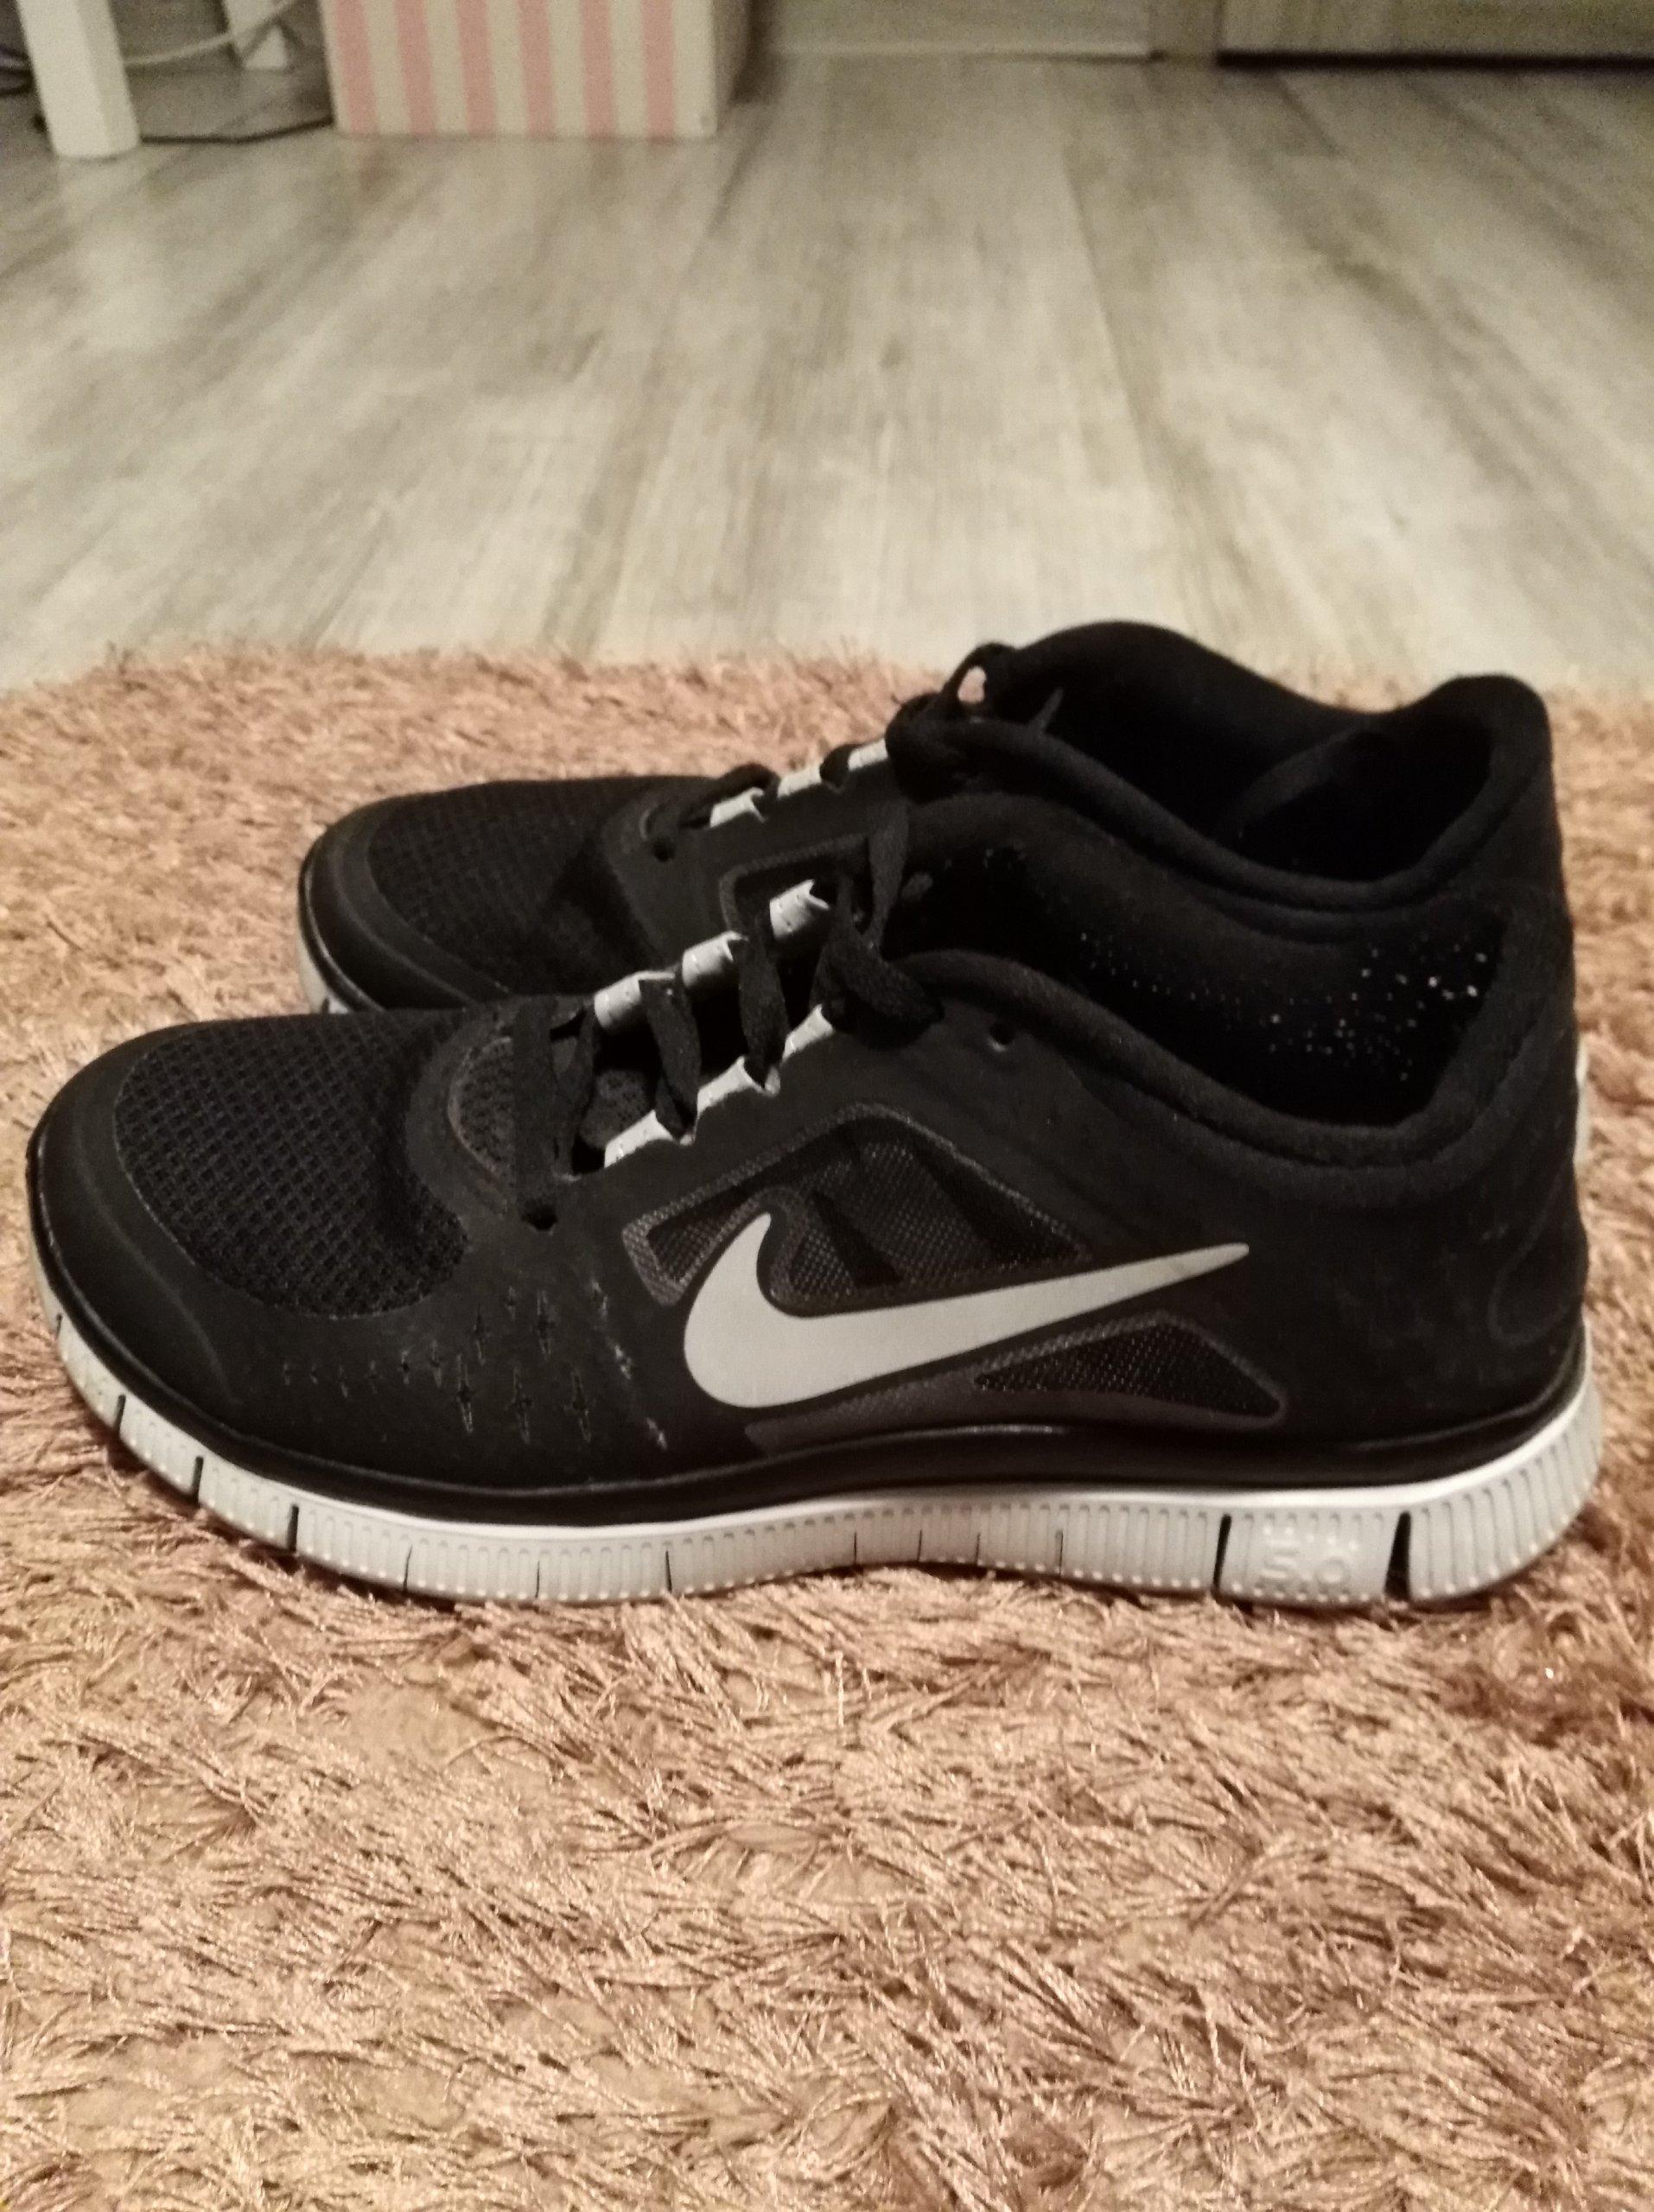 sports shoes e8979 5e251 NIKE FREE RUN 3 CZARNO BIAŁE JAK NOWE - 7115804672 - oficjalne ...